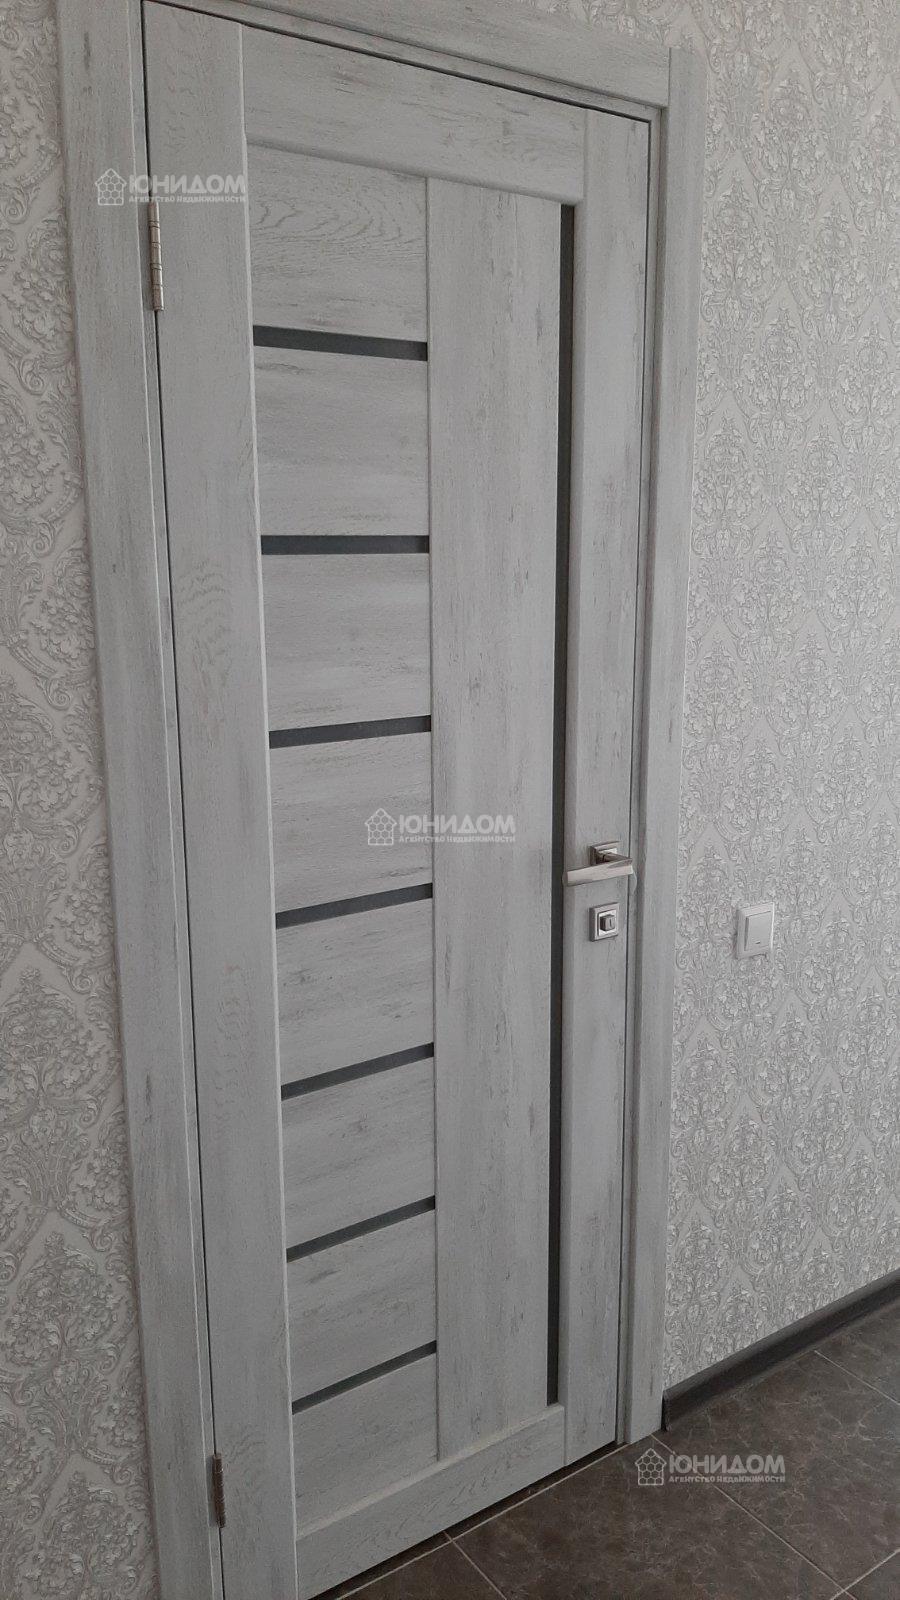 Продам инд по адресу Россия, Тюменская область, Тюмень, Вадима Бованенко, 1 фото 7 по выгодной цене